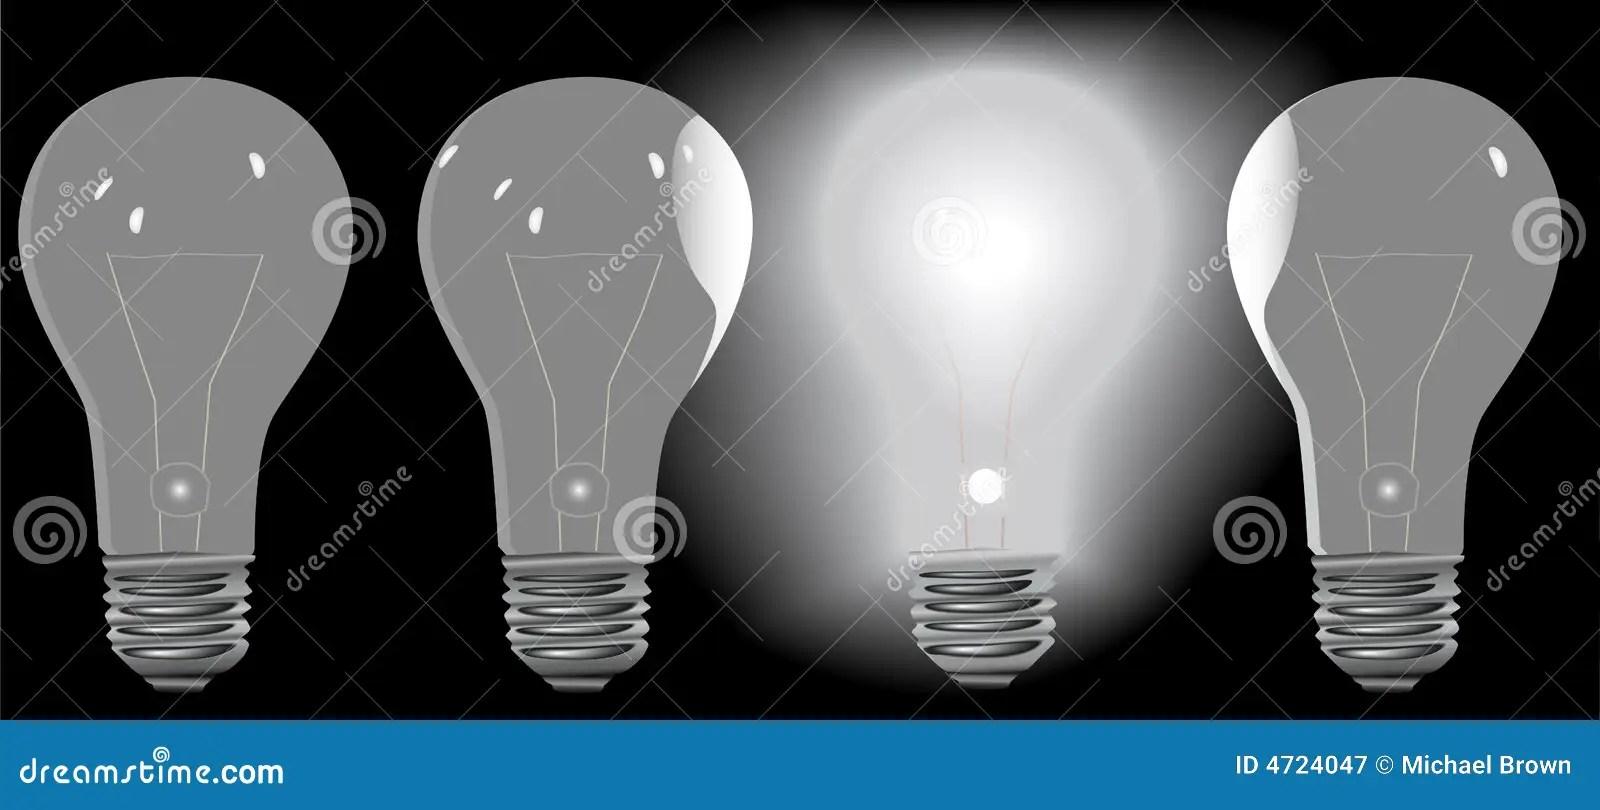 Four Light Bulbs In A Row 3 Off 1 On Stock Vector